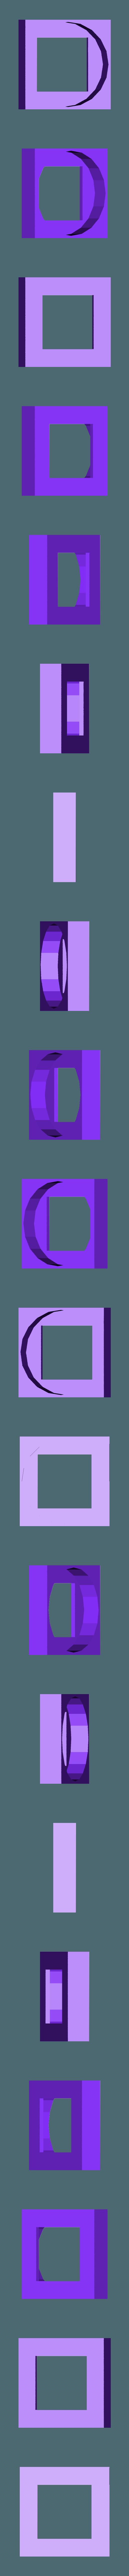 Base_1x1.stl Télécharger fichier STL gratuit 18650 Porte-piles (5x5/4x4/3x3/2x2/1x1) • Plan à imprimer en 3D, tylerebowers